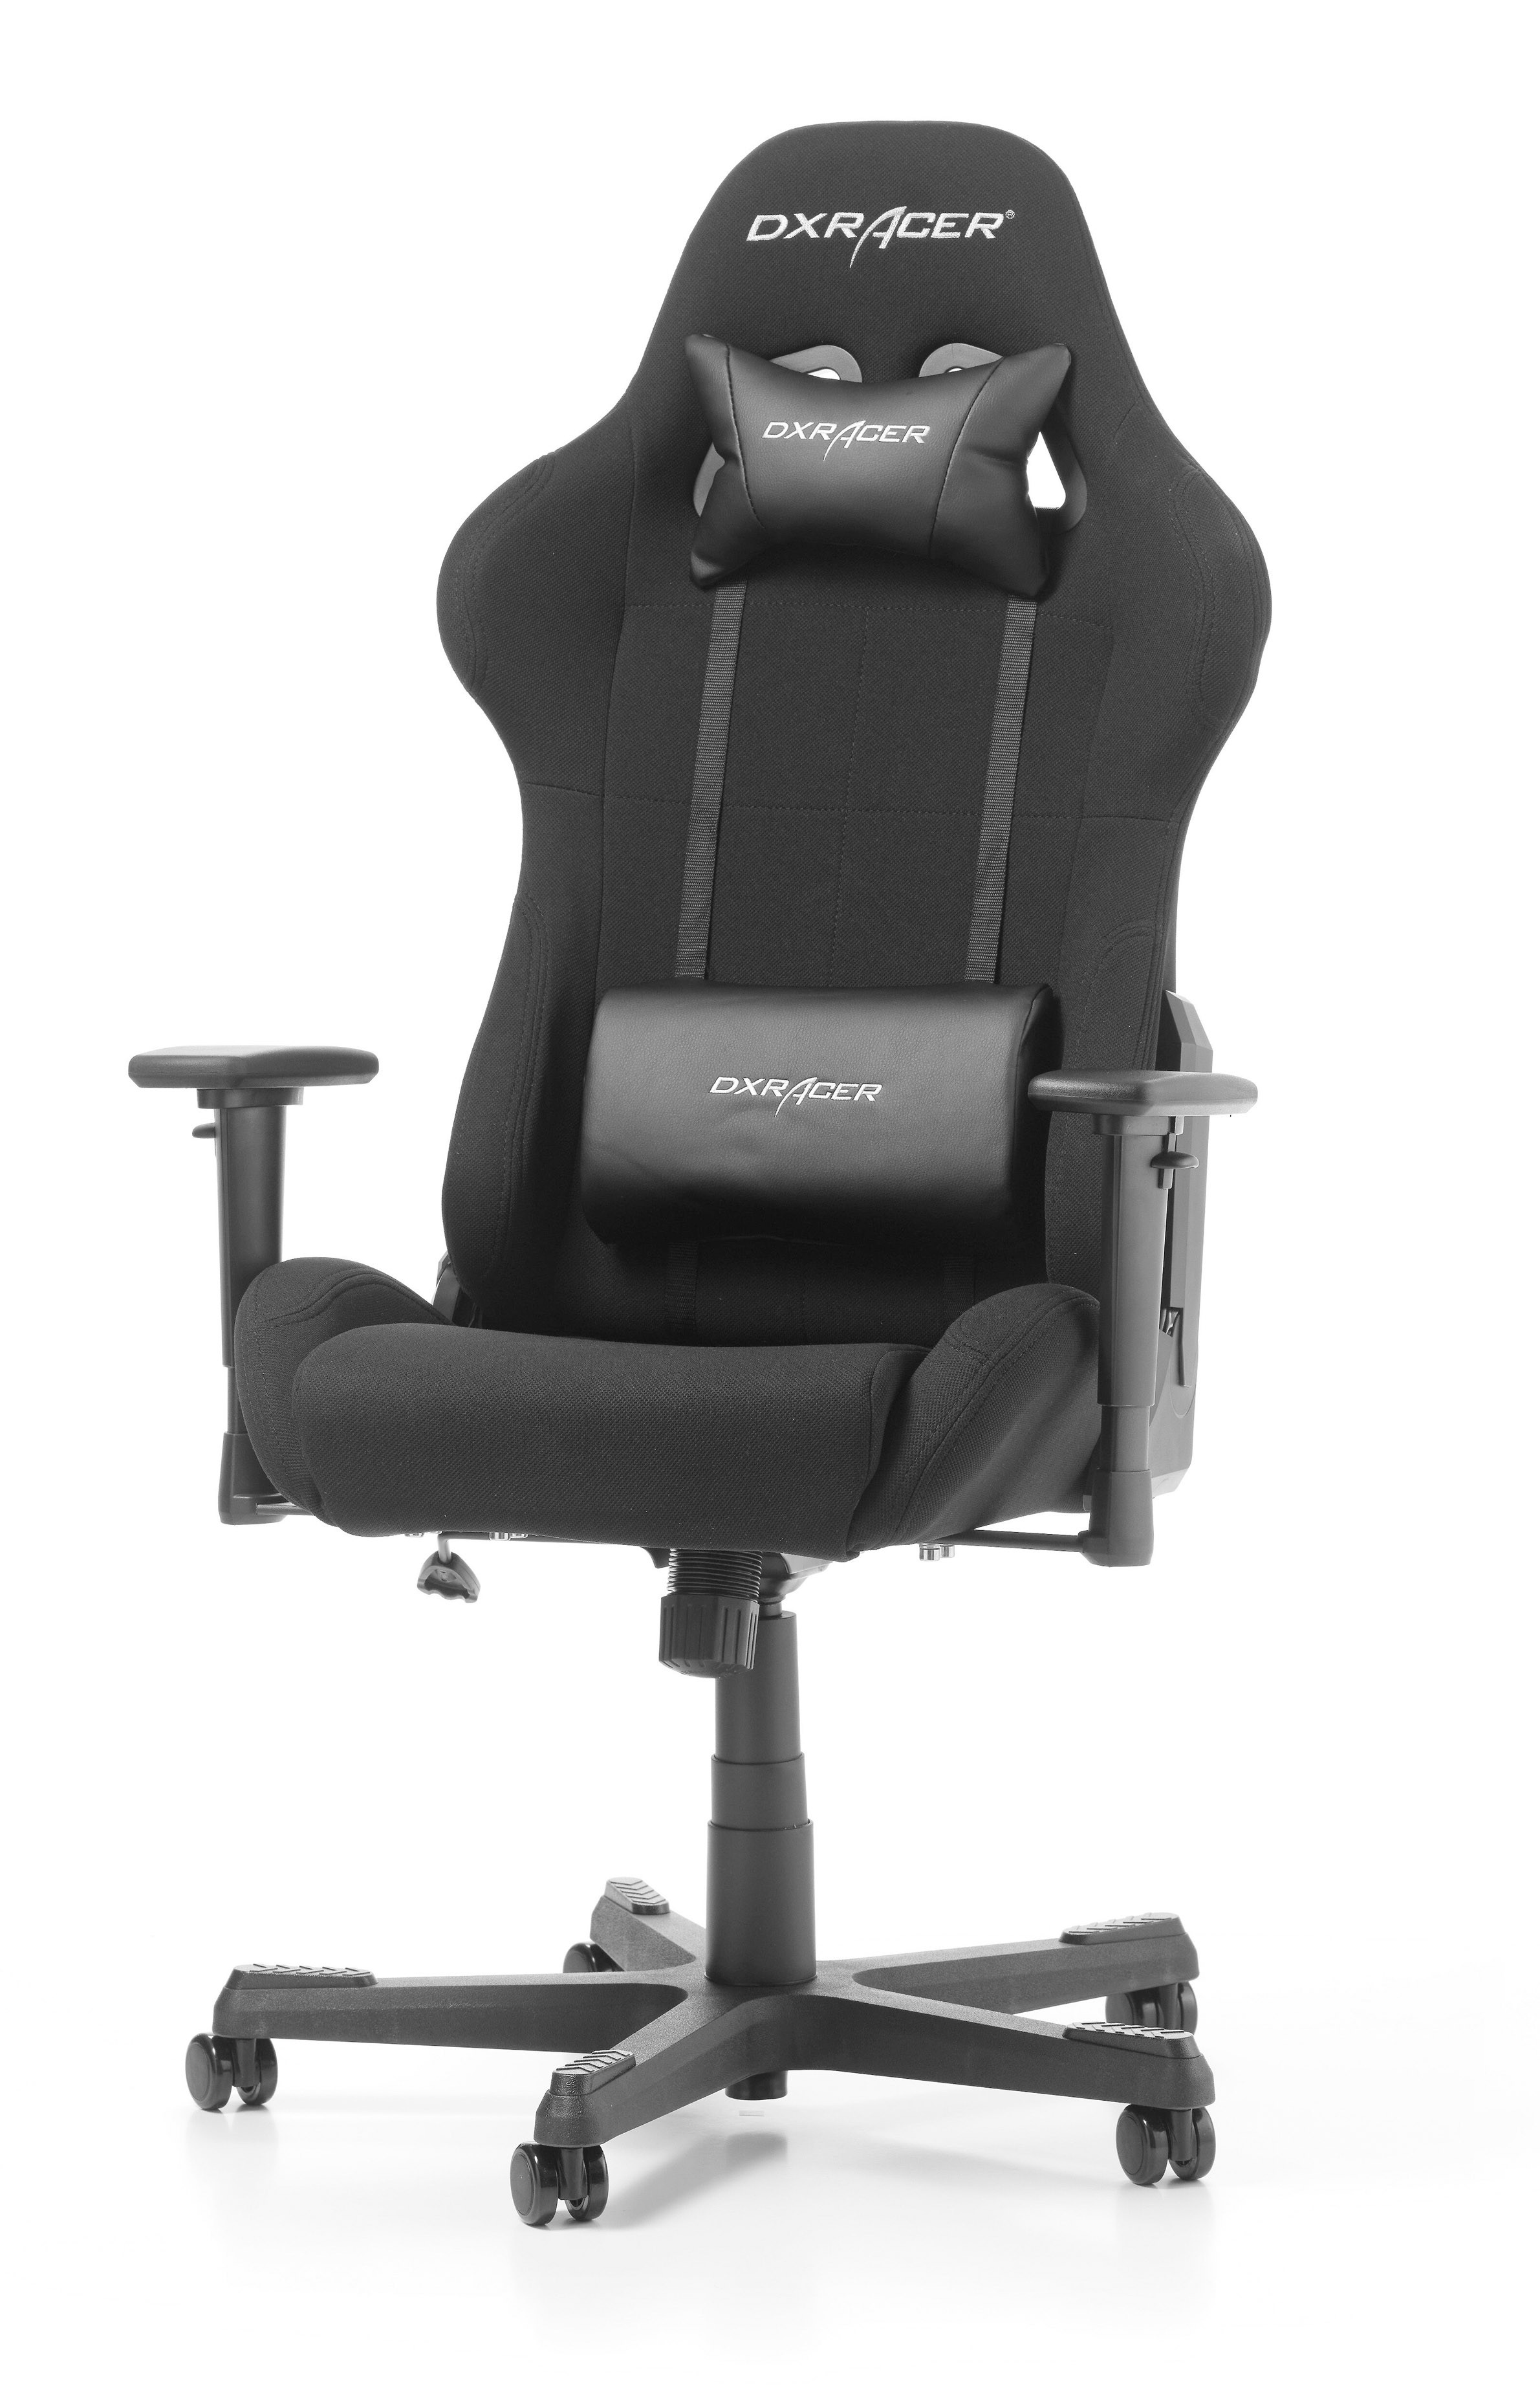 DXRACER FORMULA SERIES F01-N juoda ergonominė kėdė (medžiaga + PU)